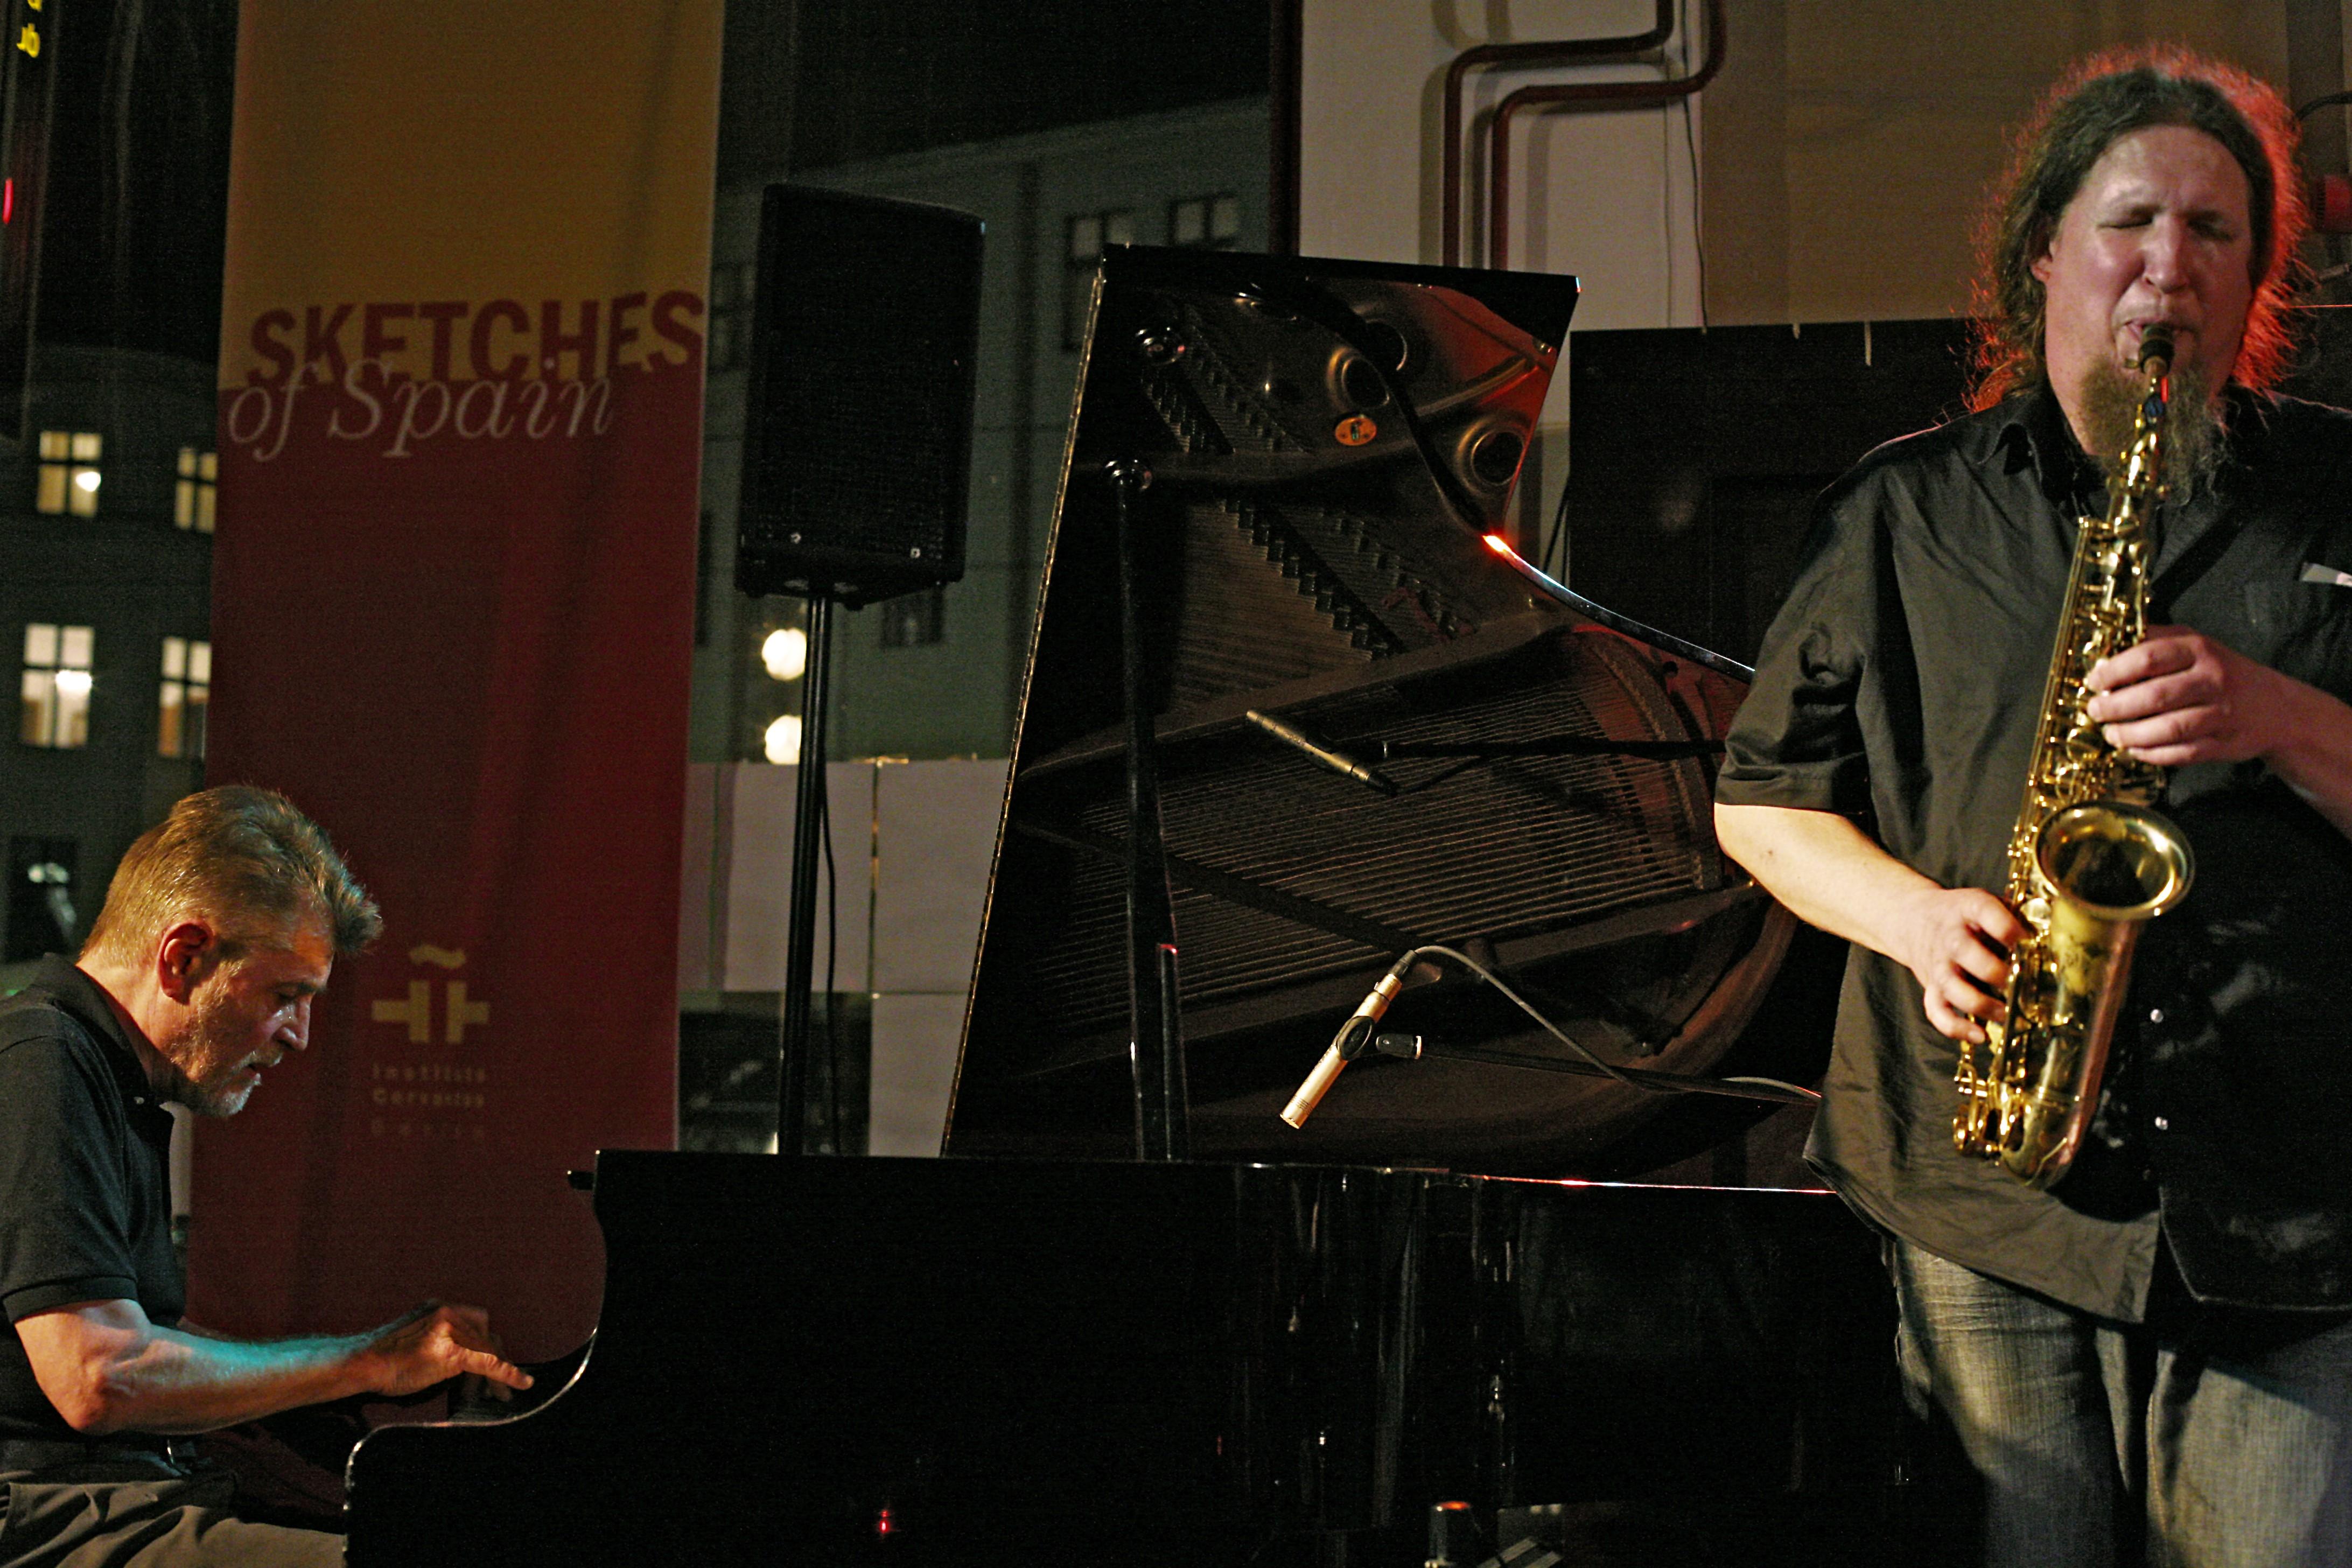 25.08.2018 A. von Schlippenbach / F. P. Schubert Duo